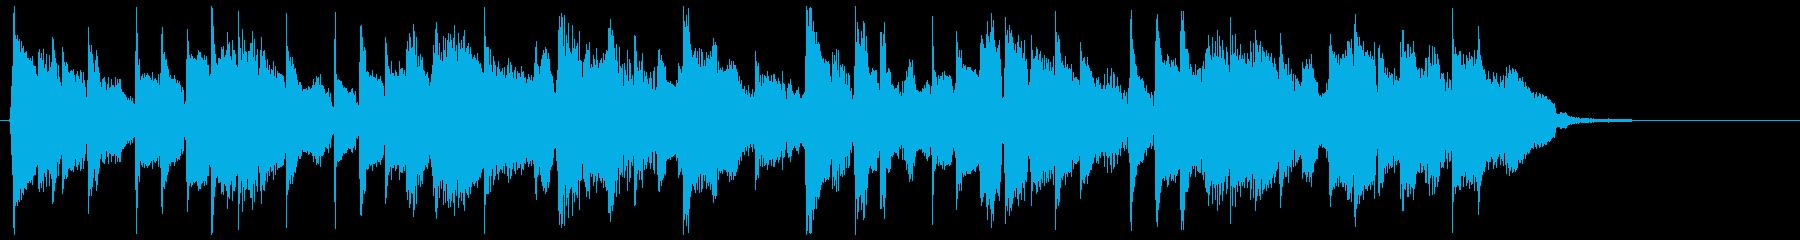 15秒 状況の変化・前向きなイメージの再生済みの波形